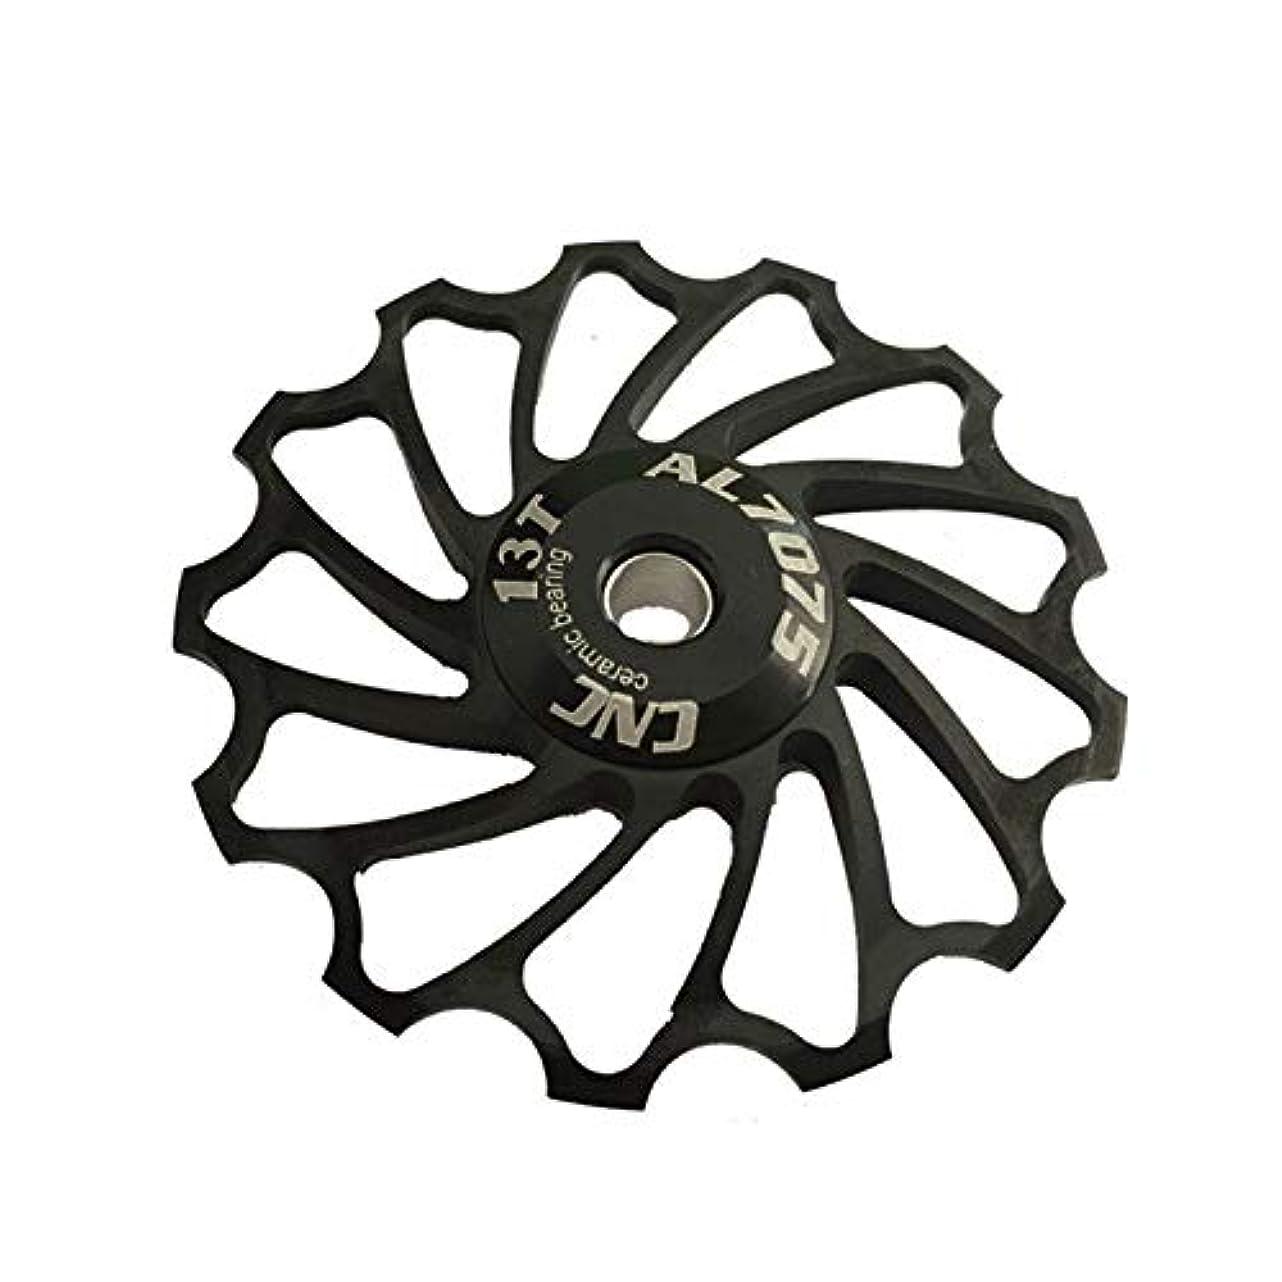 明るい顔料ジャンクPropenary - Cycling bike ceramics Jockey Wheel Rear Derailleur Pulley 13T 7075 Aluminum alloy bicycle guide pulley bearing bicycle parts [ Black ]